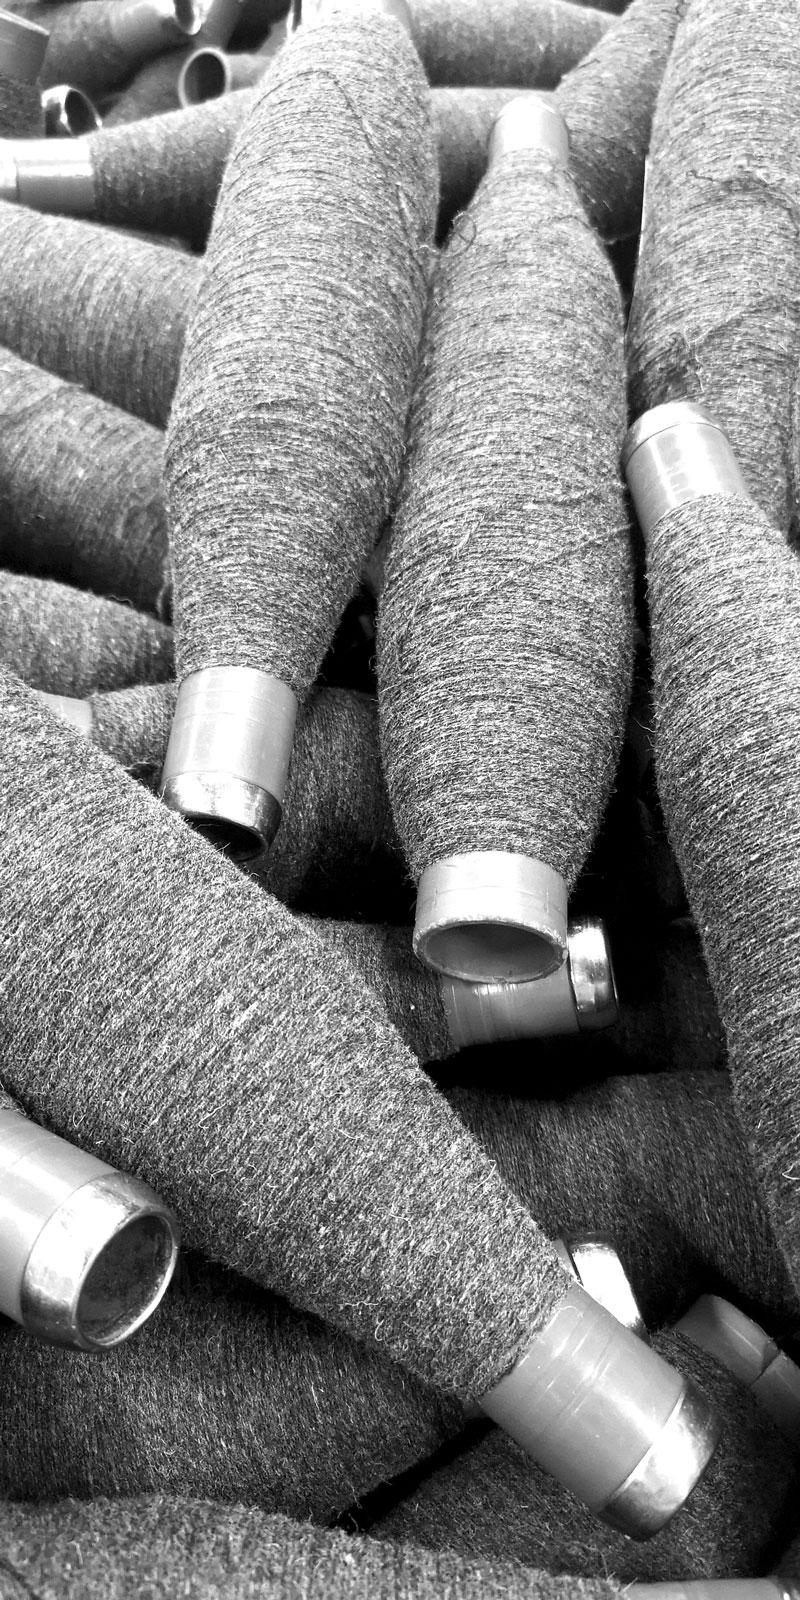 cônes de laine mérinos d'Arles, filature du Parc dans le Tarn